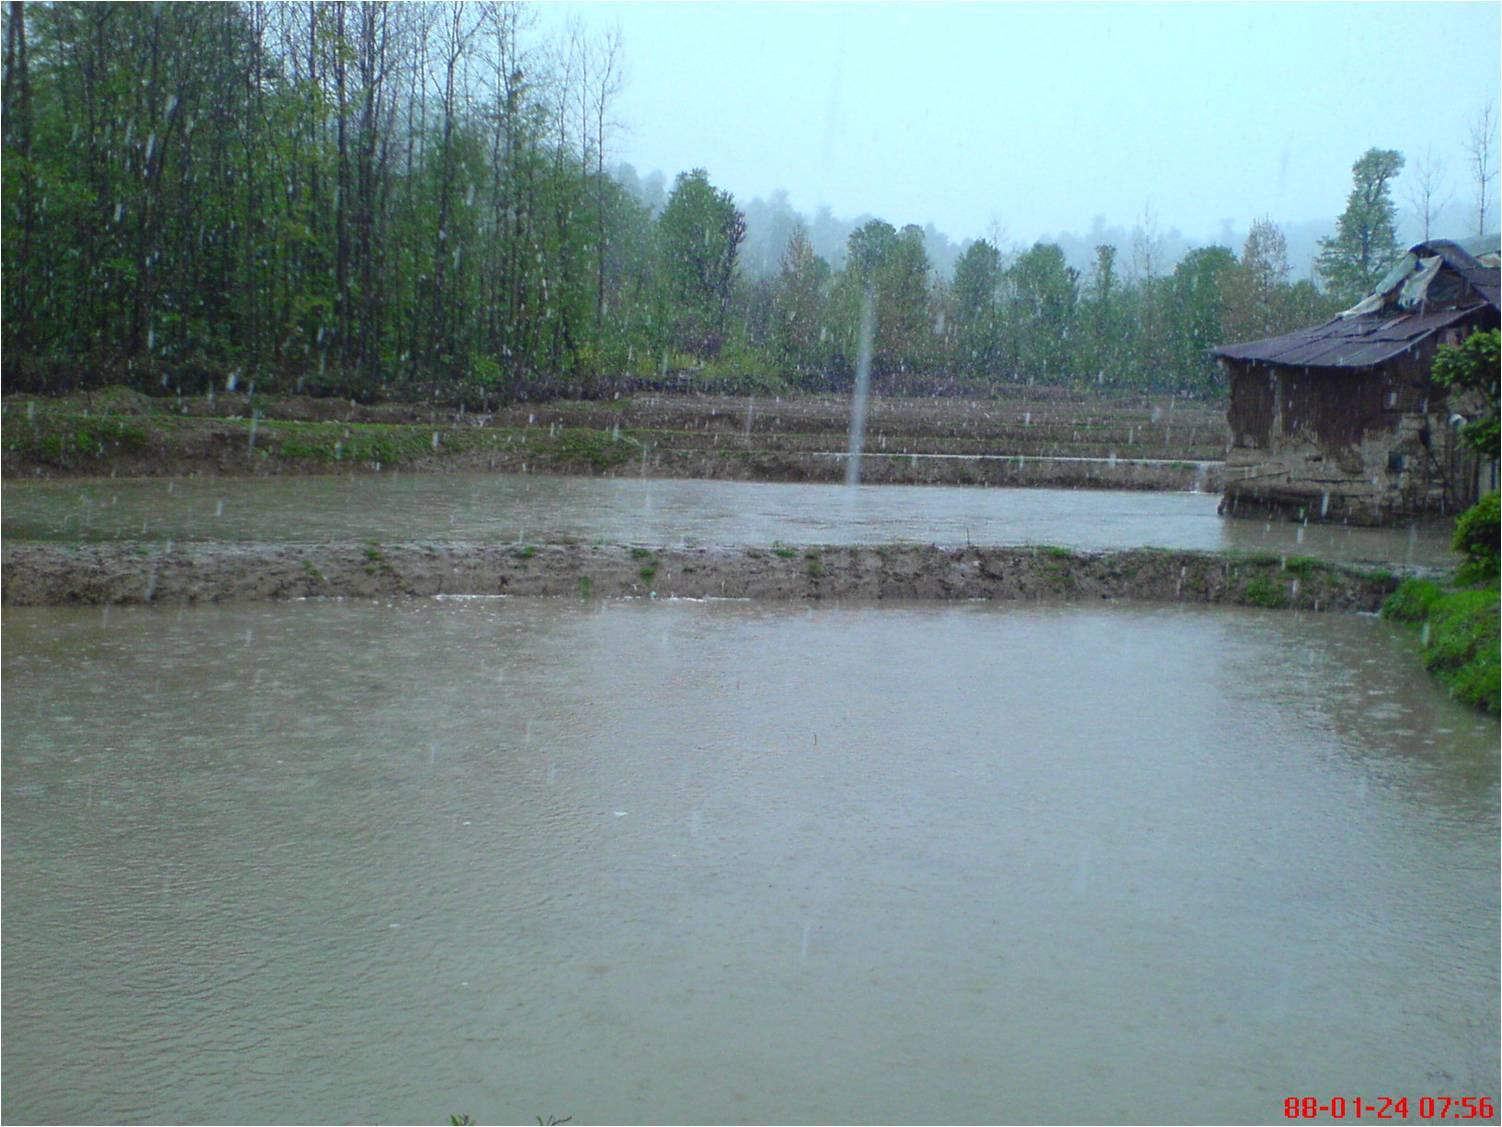 بارش برف 24فروردین1388 در روستای شولم